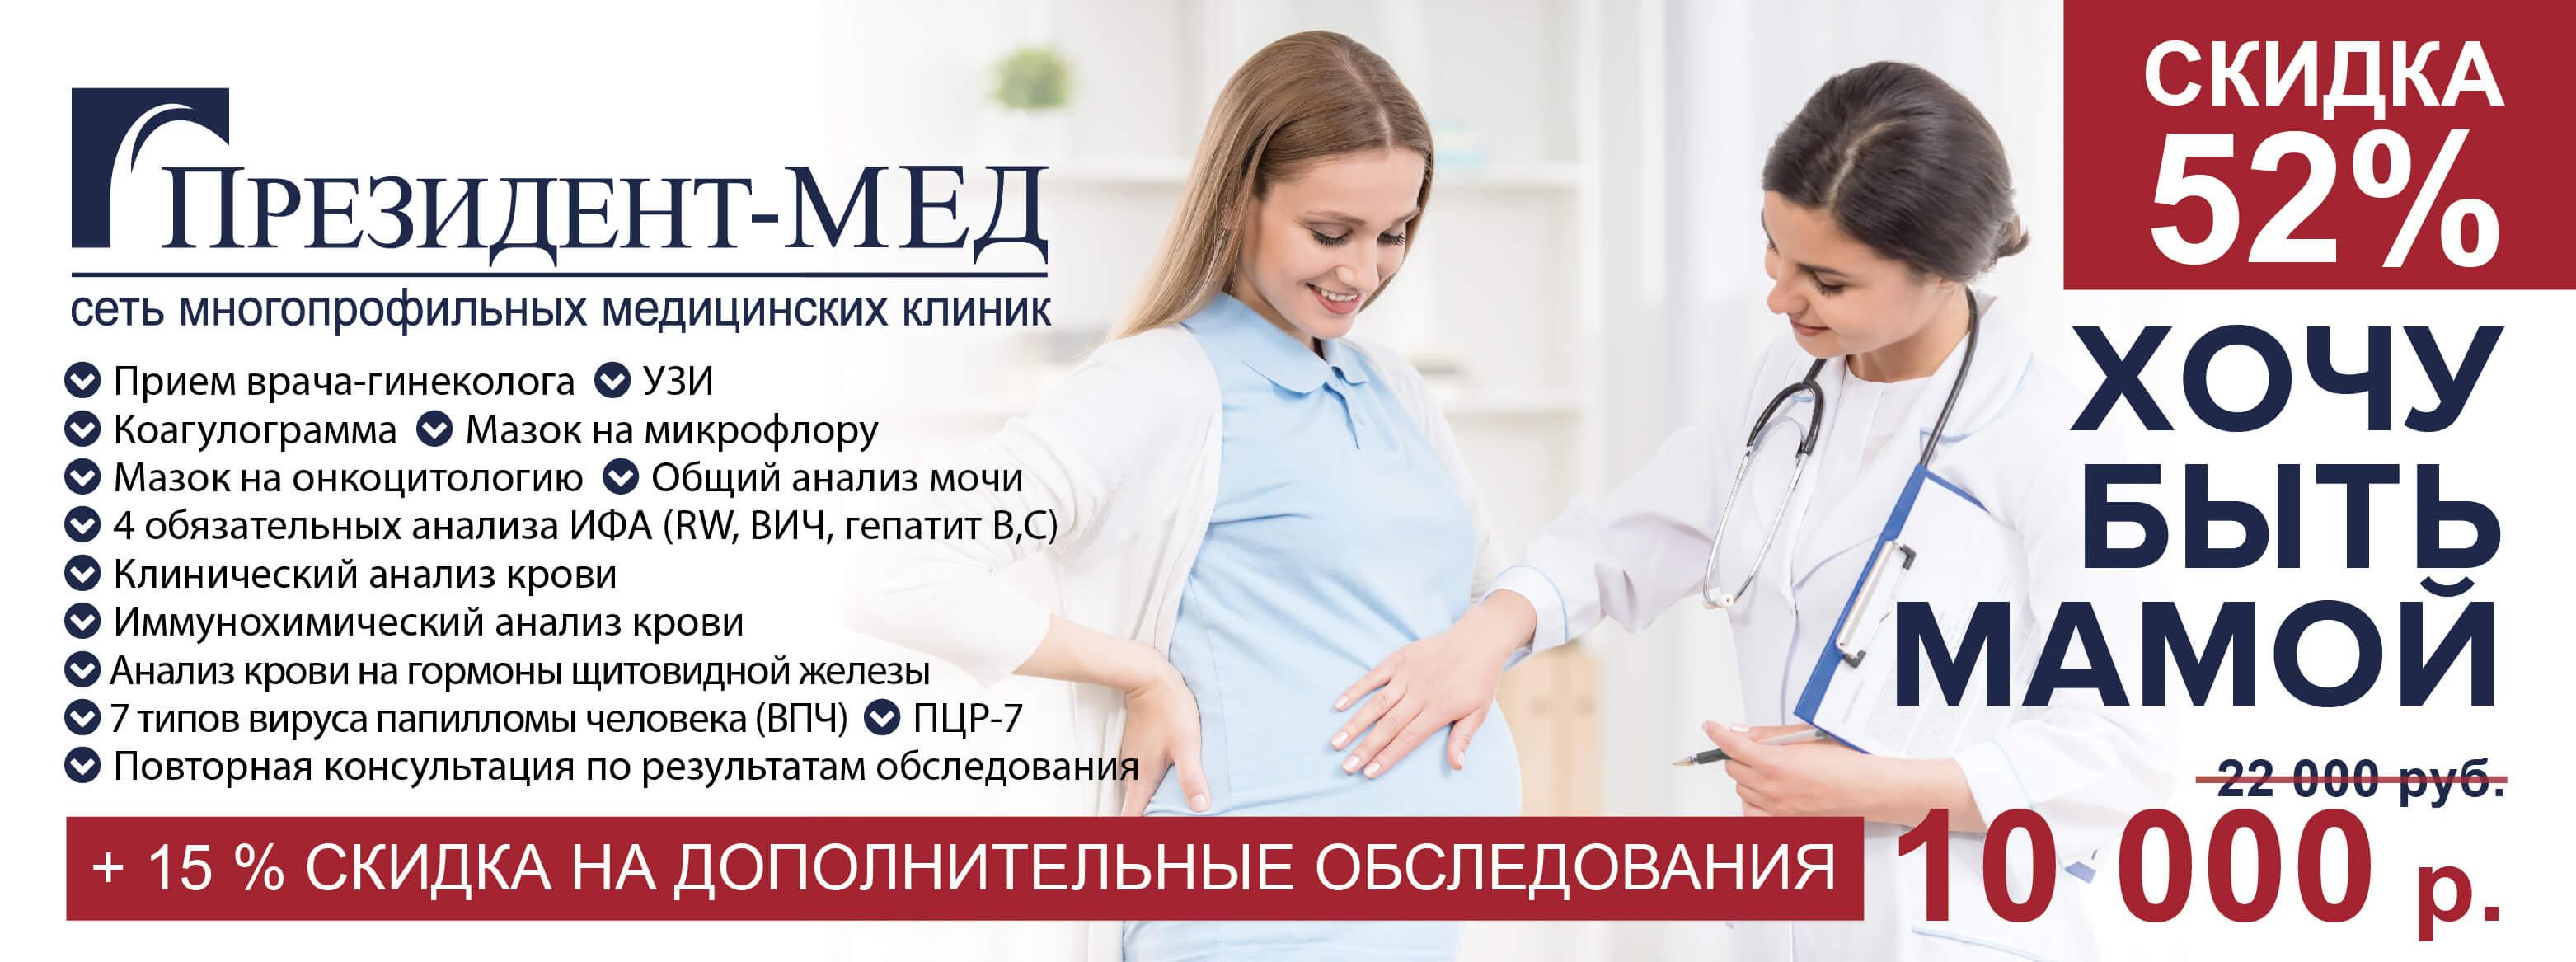 Акция  Женское здоровье  «ХОЧУ БЫТЬ МАМОЙ»